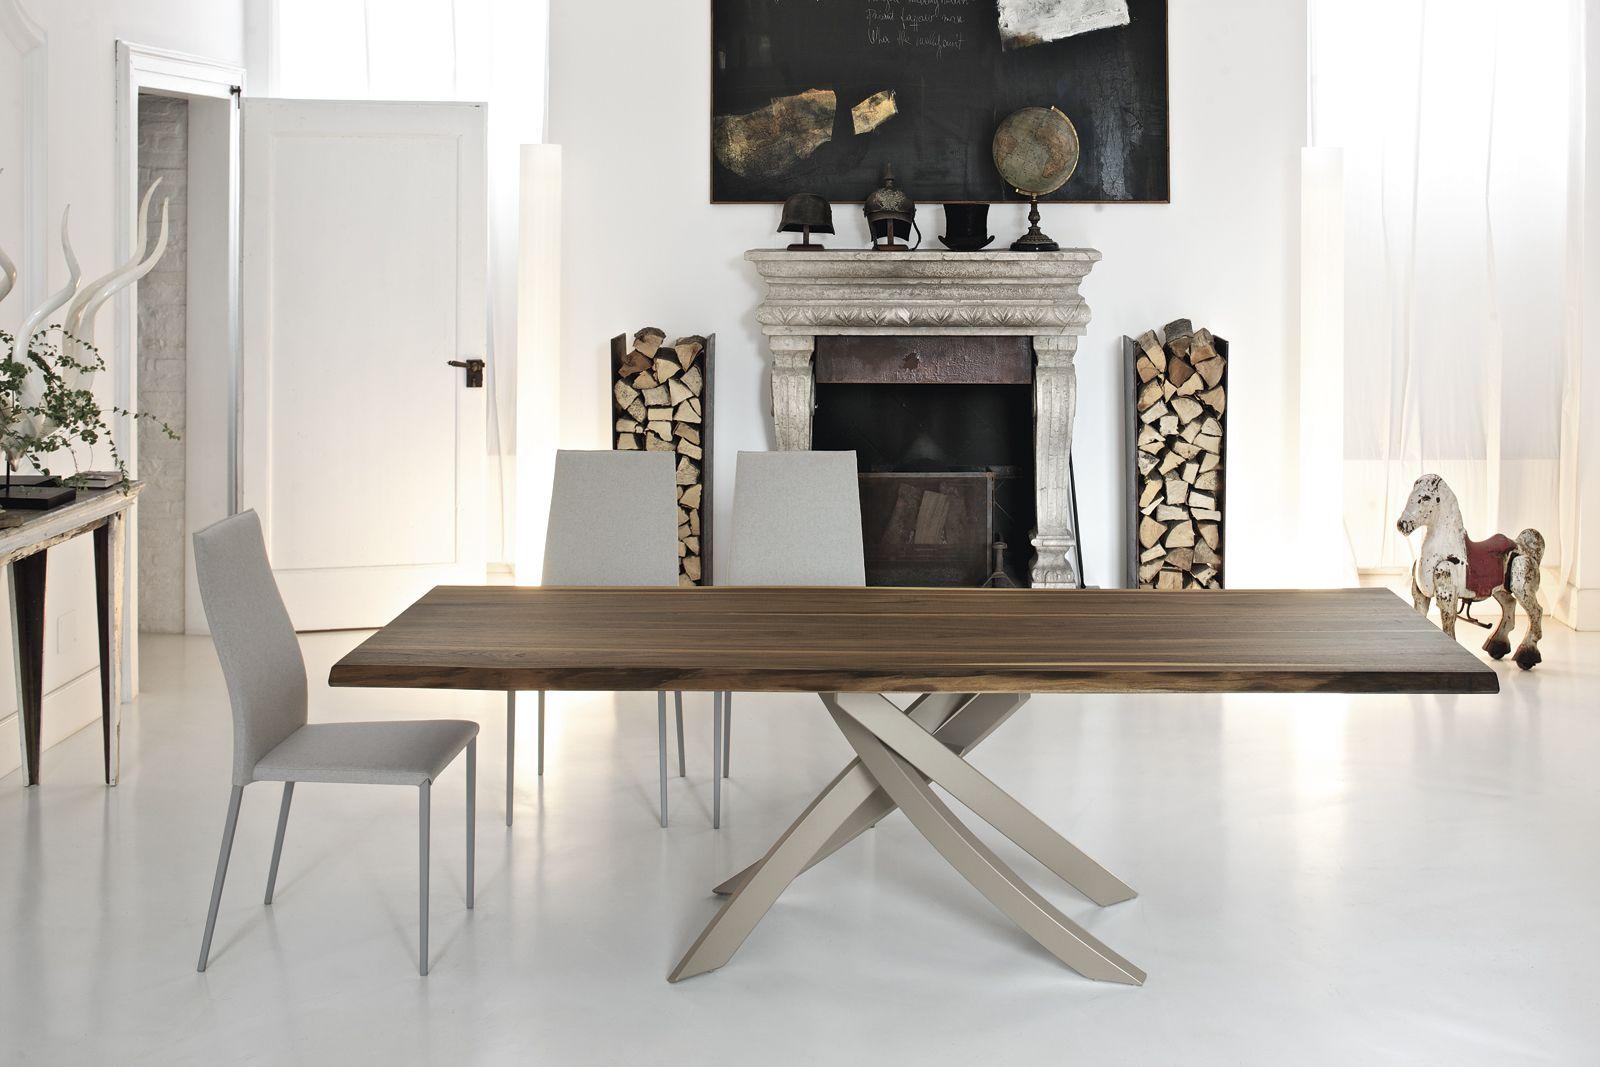 Bontempi mobili tavoli sedie complementi divani letti design letti d 39 autore home - Deco mobili tavoli e sedie ...